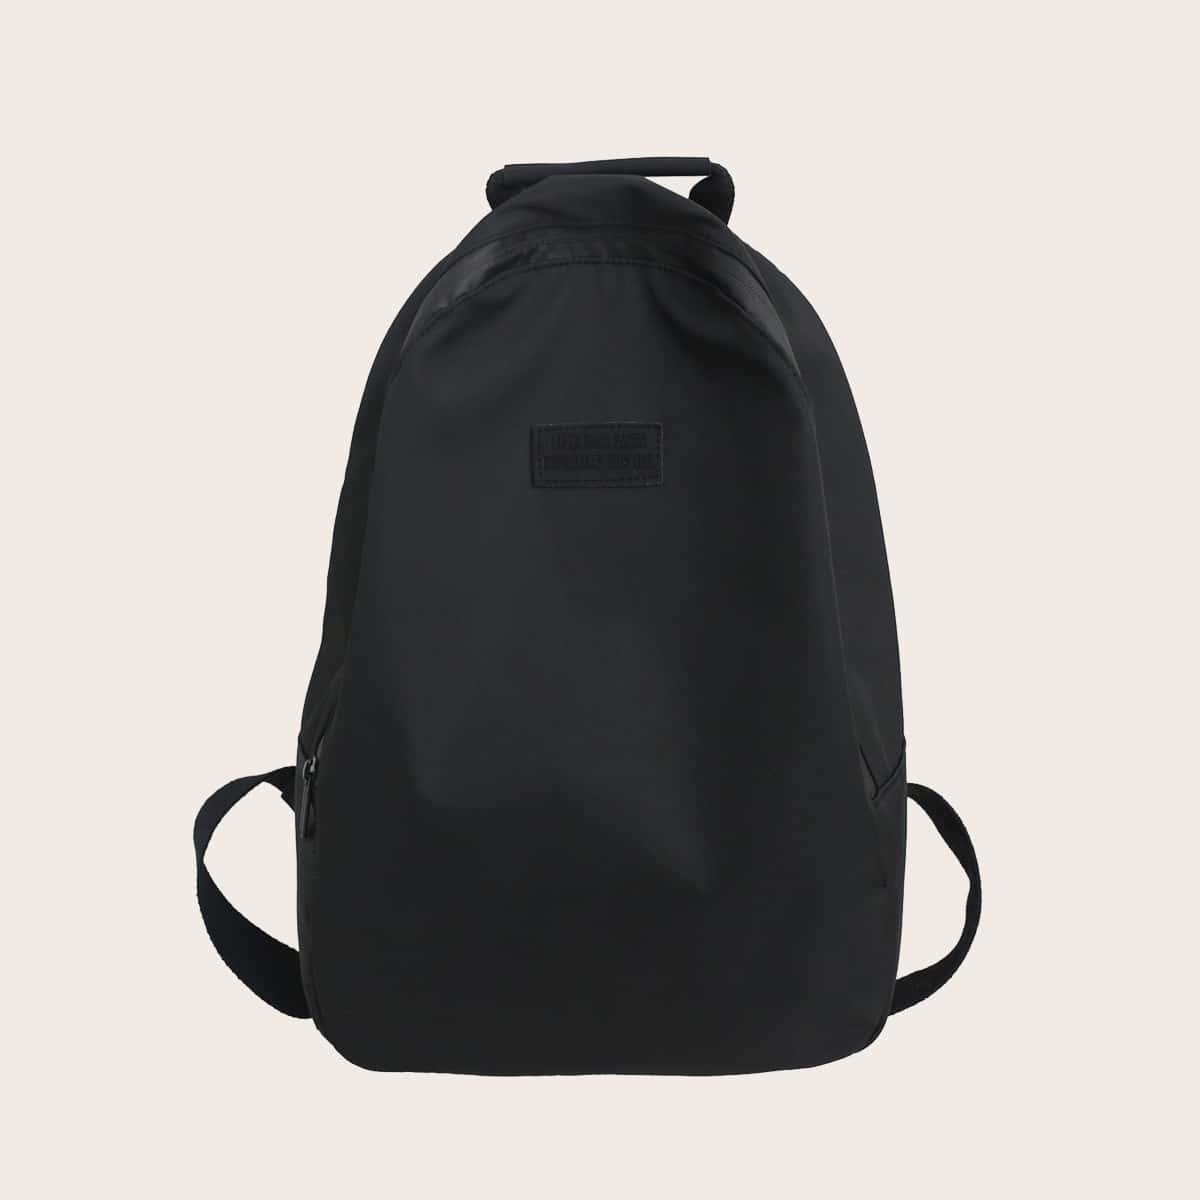 Минималистичный рюкзак большой емкости